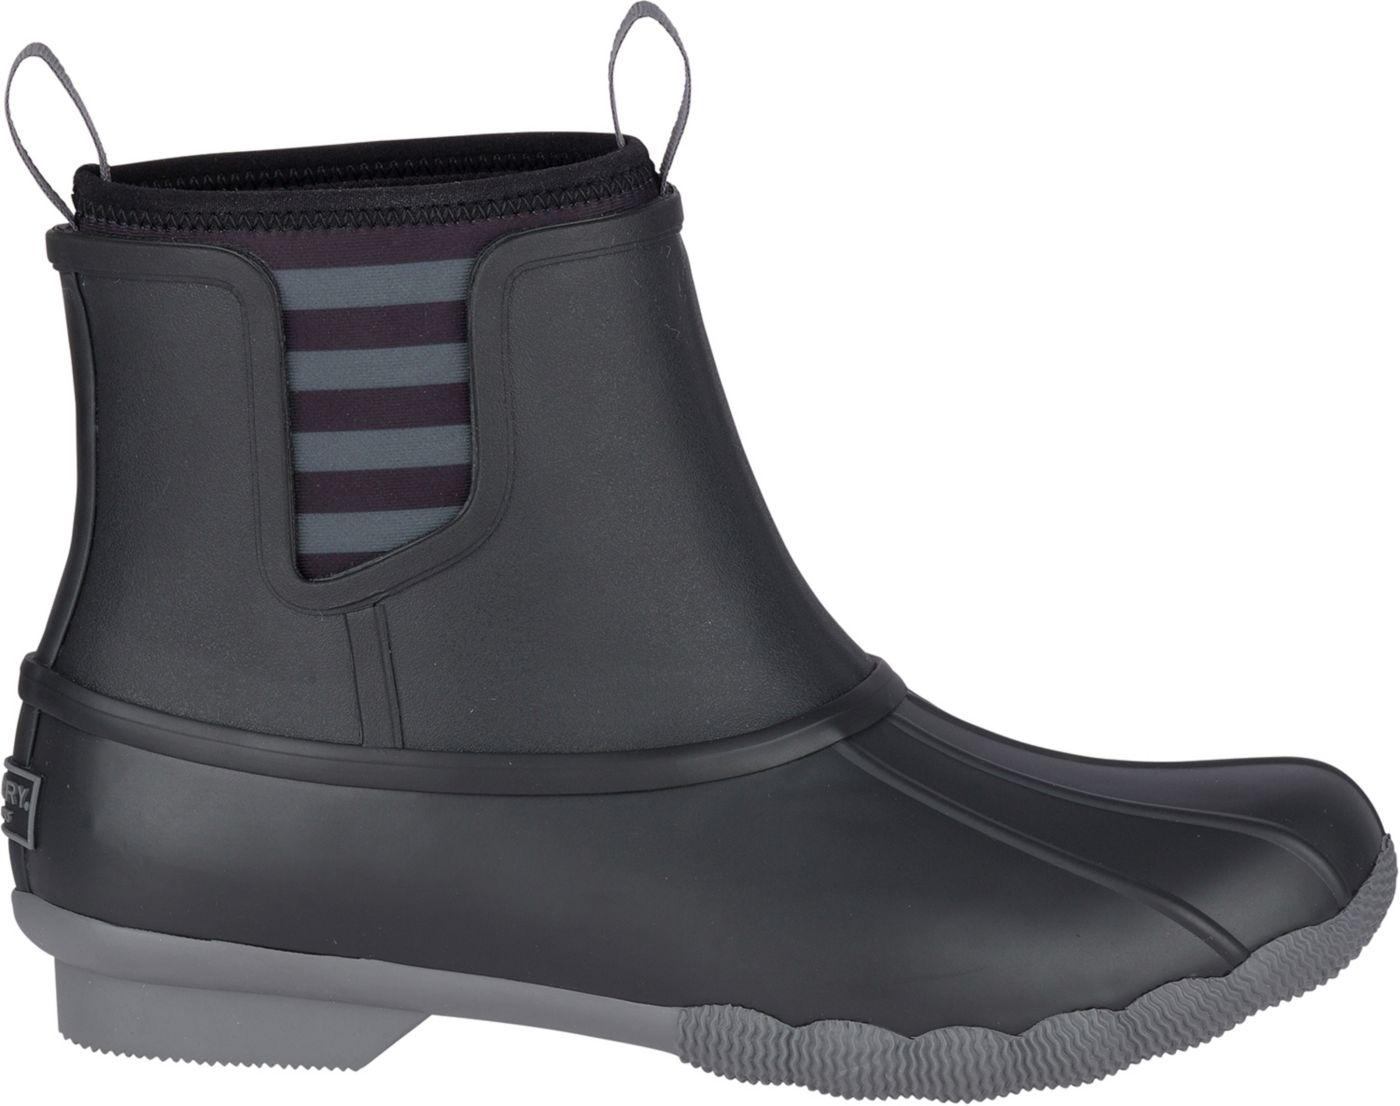 Sperry Women's Saltwater Chelsea Waterproof Winter Boots